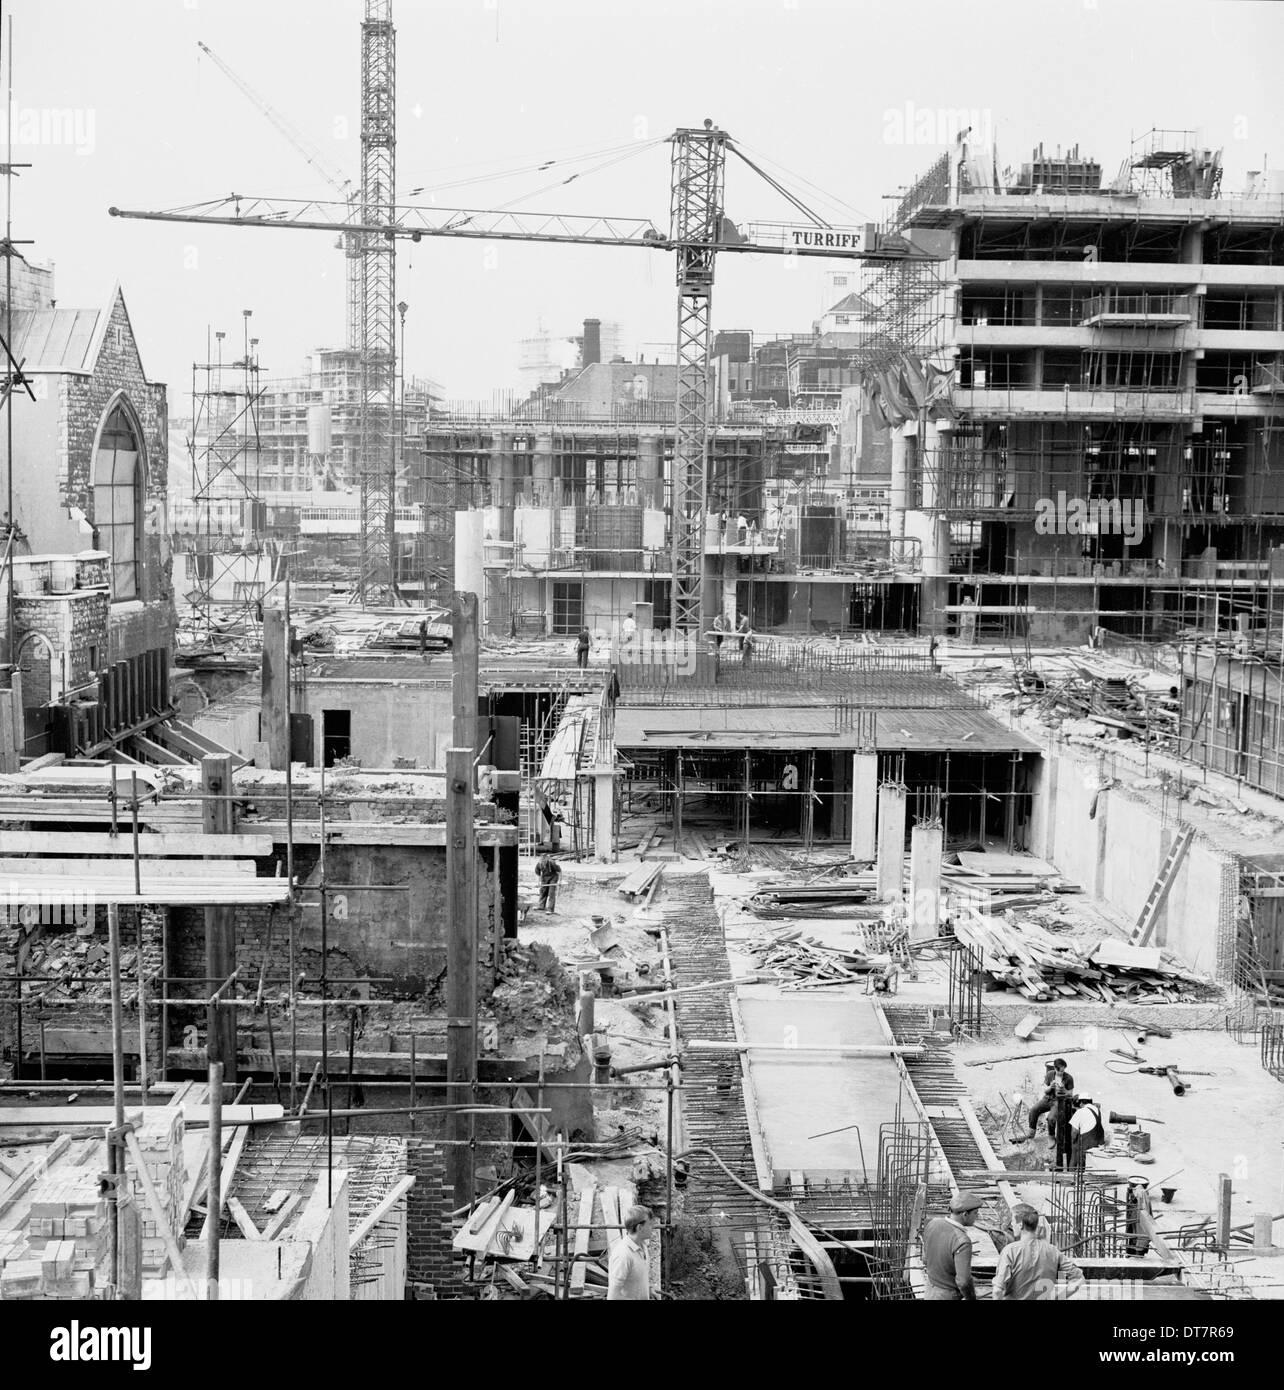 der 1950er Jahre, Baustelle, London. Stockbild